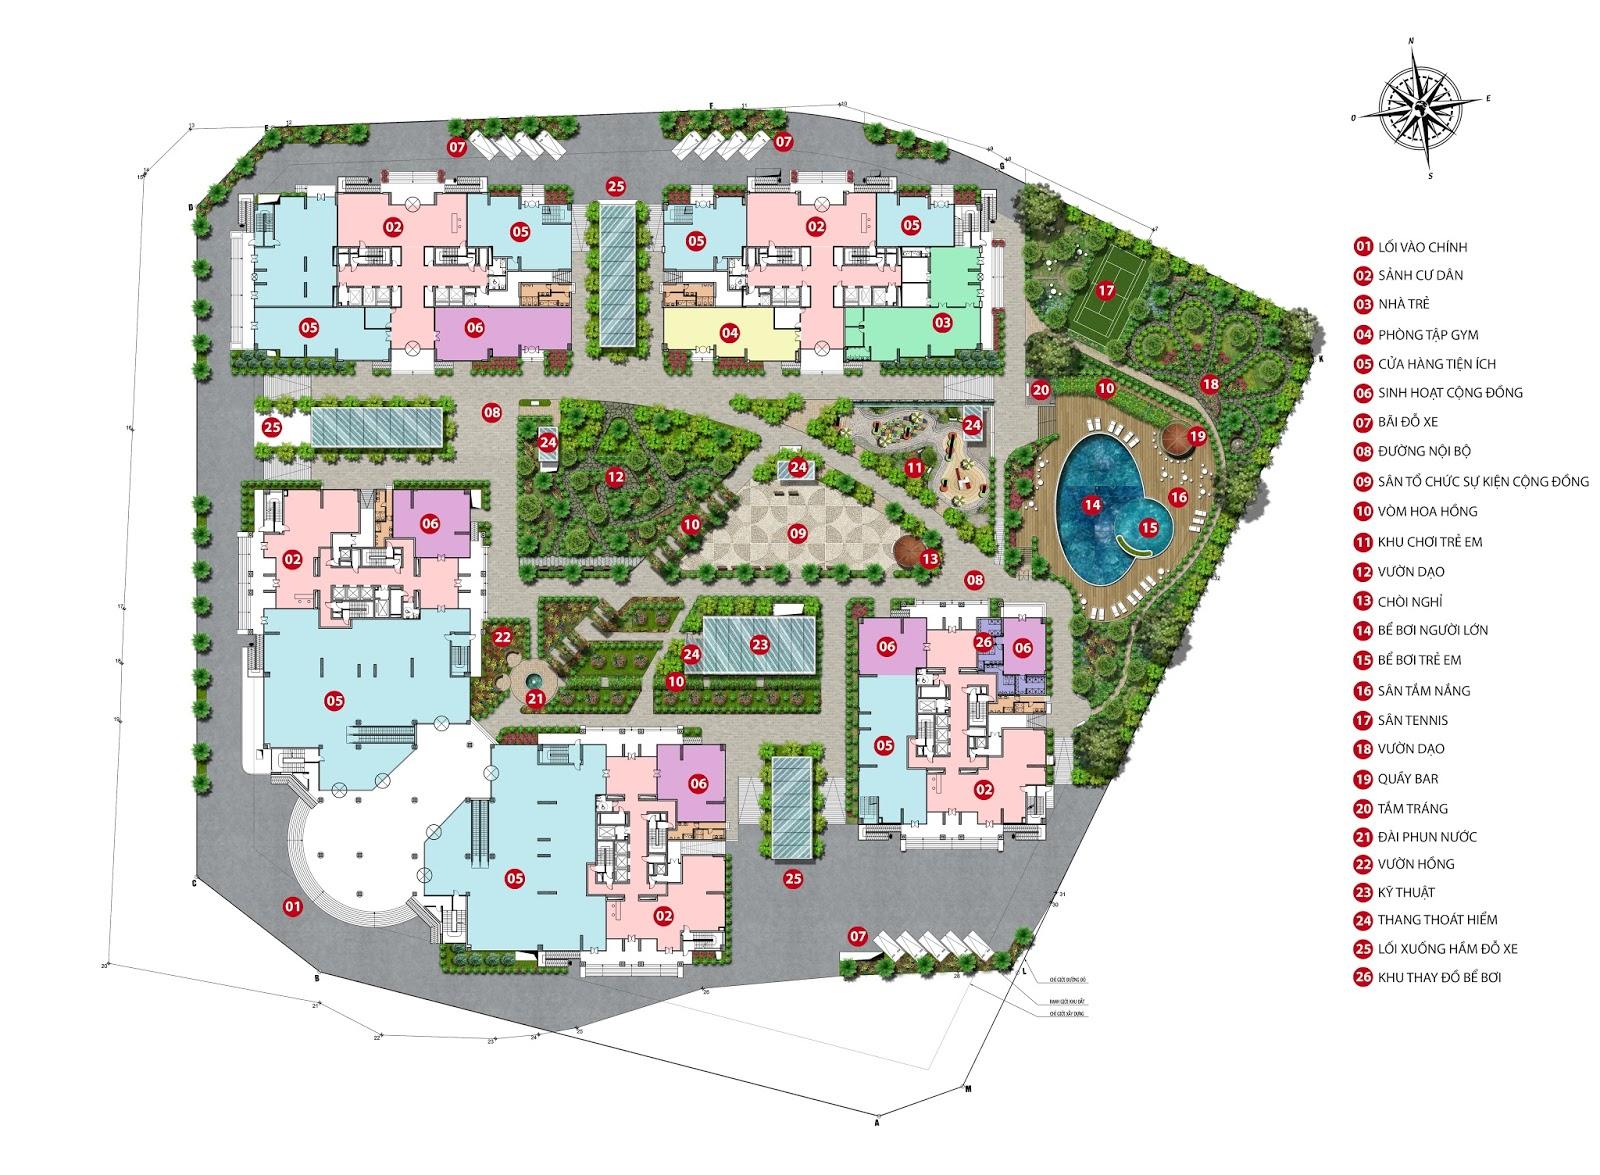 Mặt bằng tổng quan dự án chung cư Iris Garden